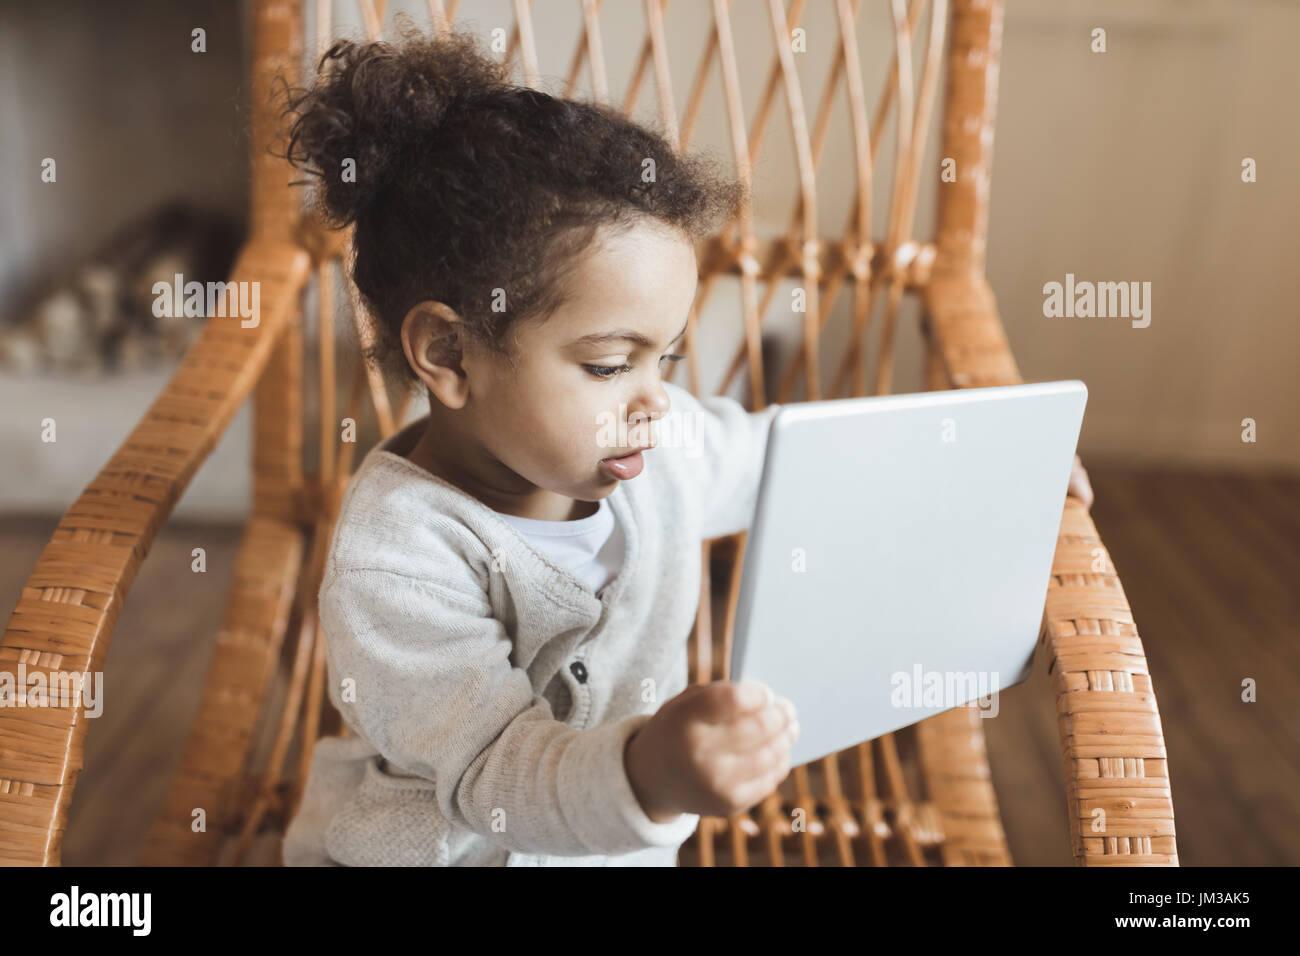 Adorável african american menina usando tablet digital e sentado na cadeira de balanço em casa Imagens de Stock